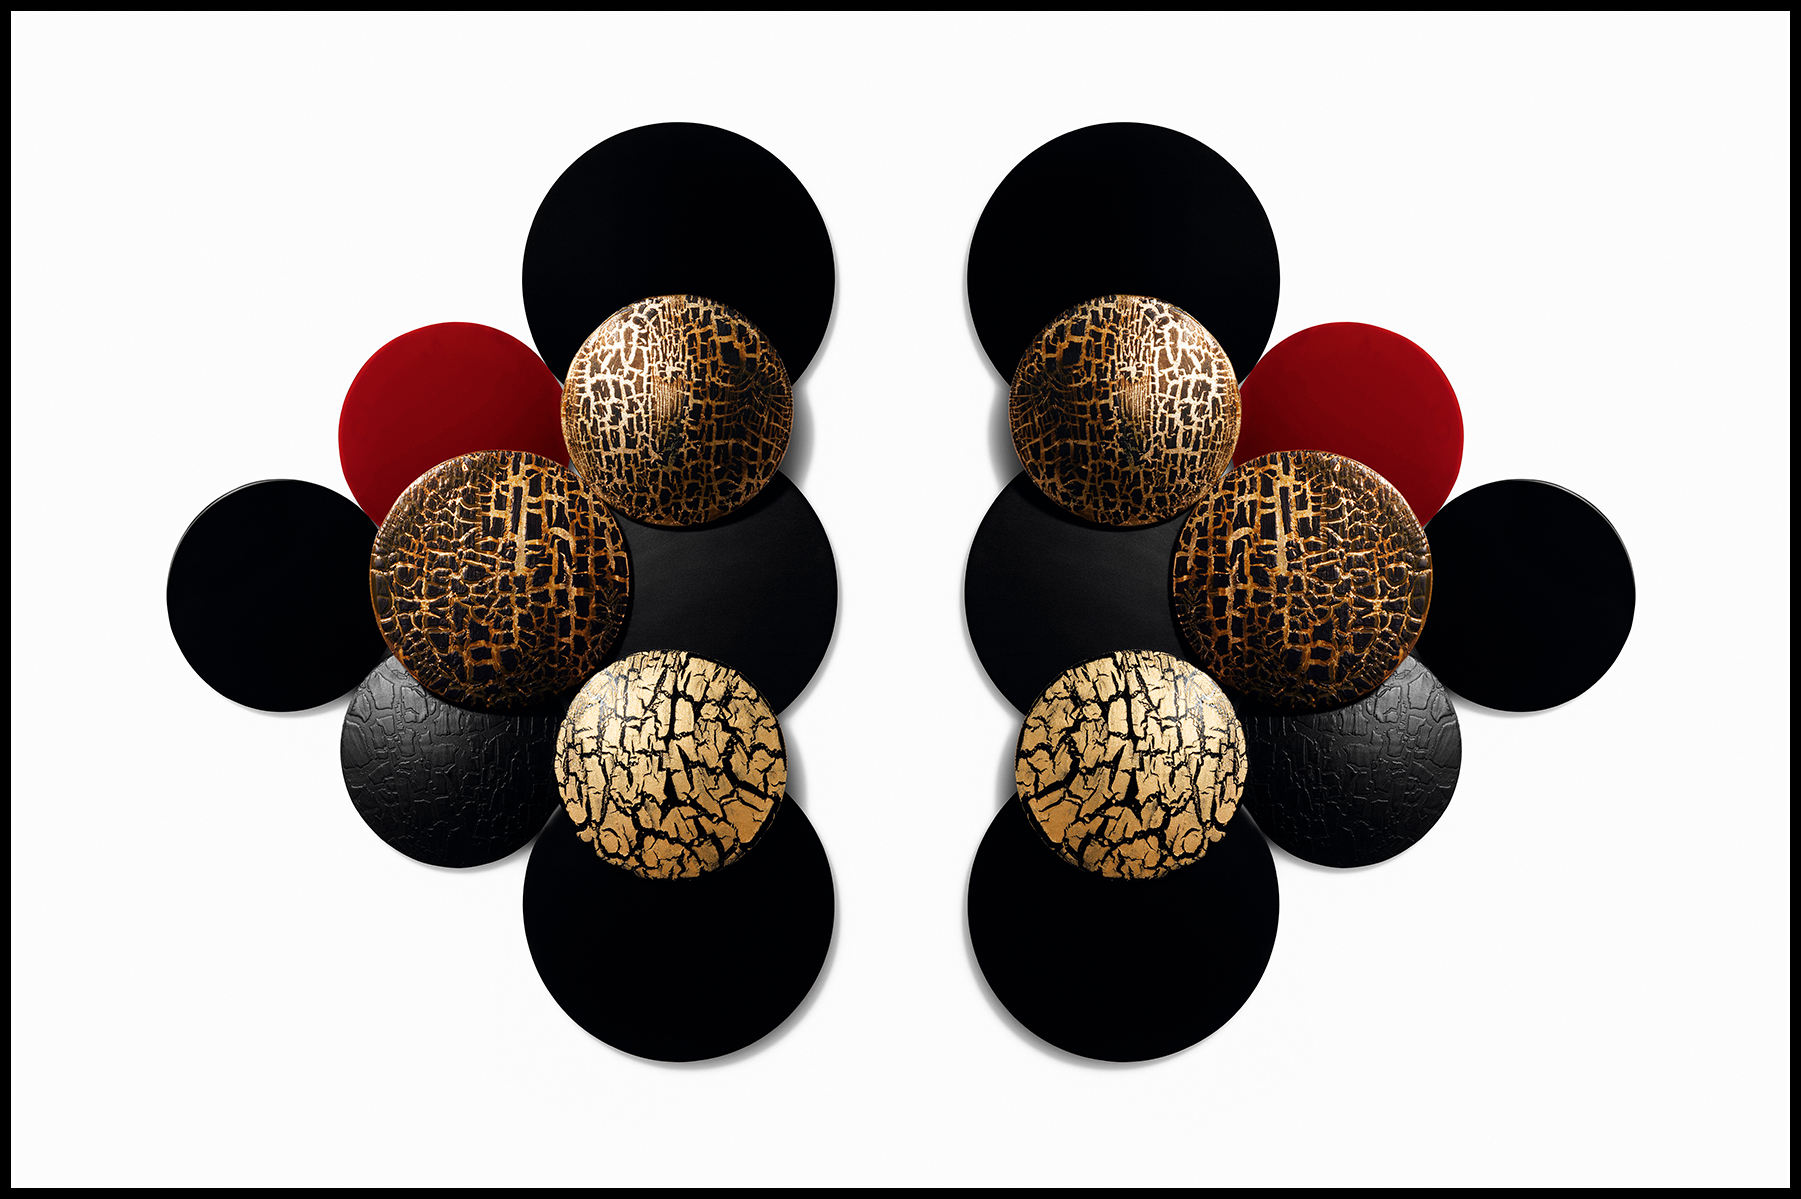 Peintures sur verre. Vernis à ongles mats, laqués et craquelés. Réalisation Laurence Hovart. Photographie Eric Maillet, Numéro 139.